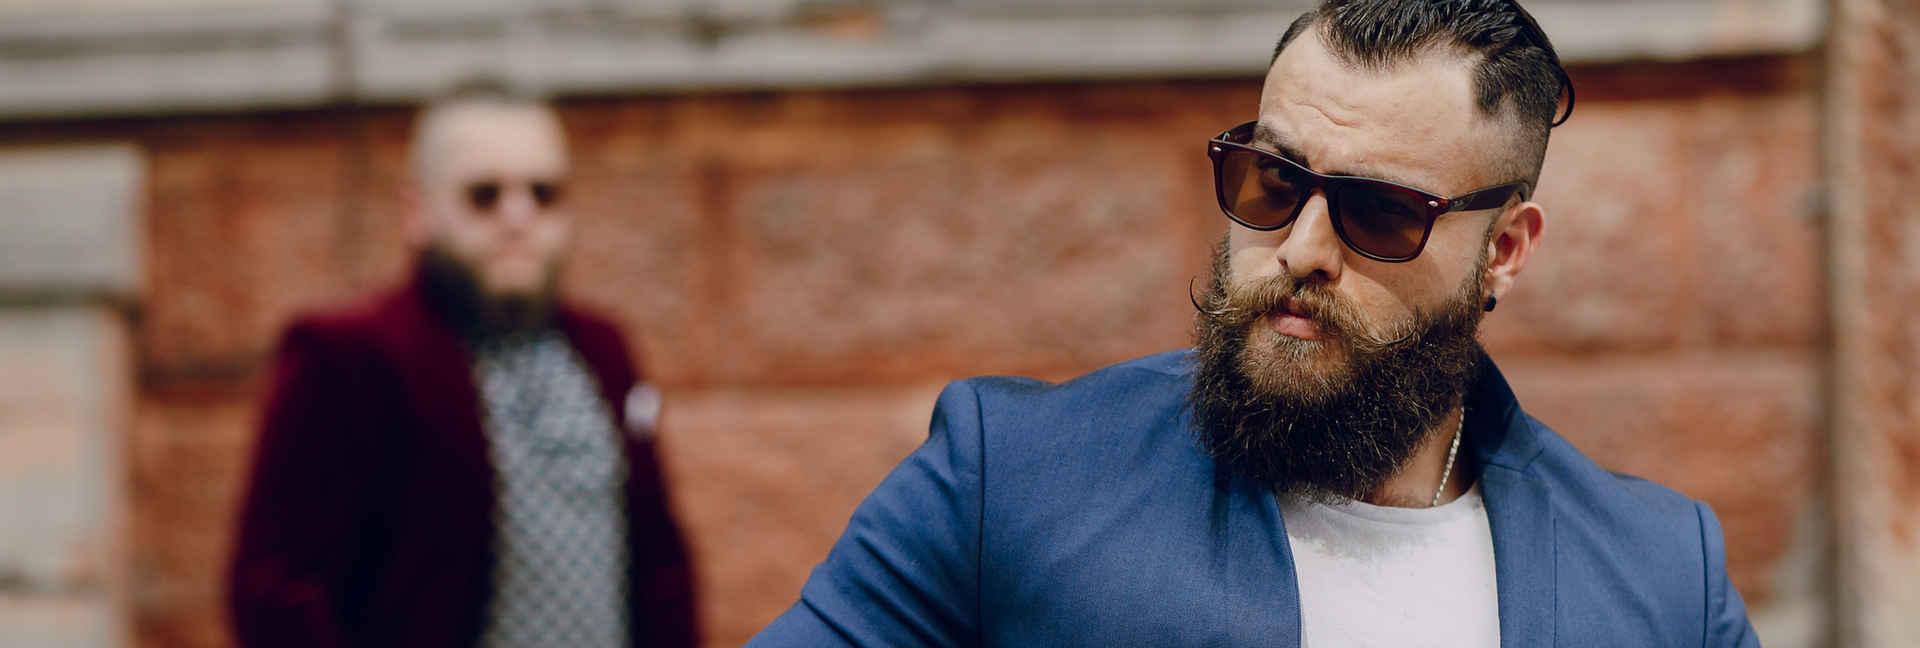 7 wissenschaftliche nachgewiesene Gründe für einen Bart